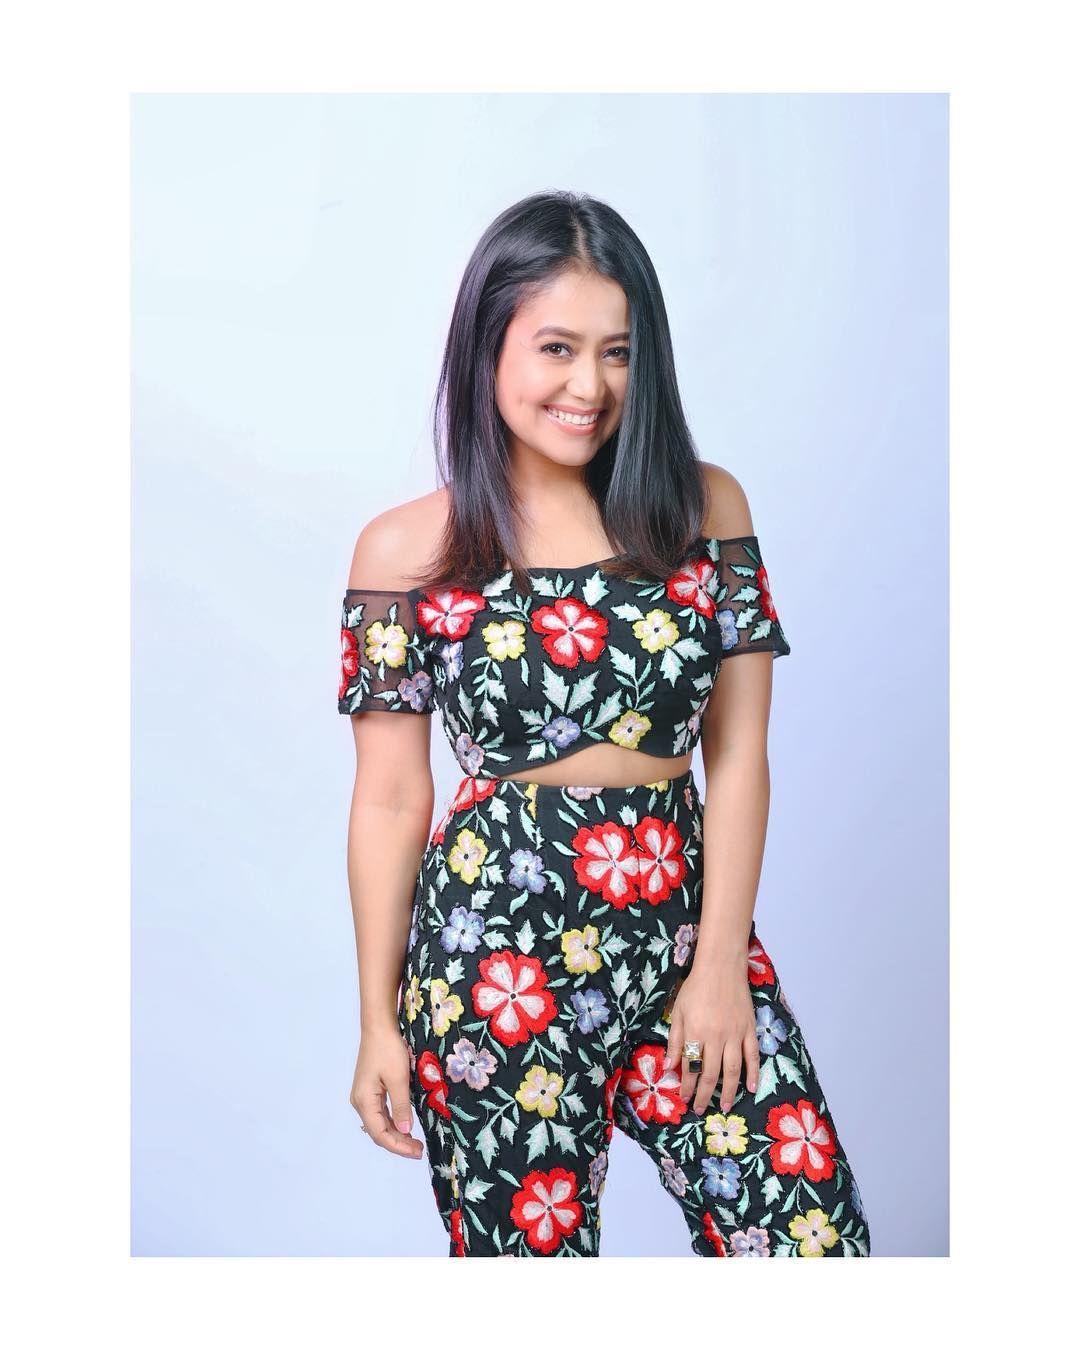 Neha Kakkar On Instagram My Look From Dilbar Tseriesmixtape 1day To Go For The Video Make Up Riti In 2020 Neha Kakkar Dresses Neha Kakkar Fashion